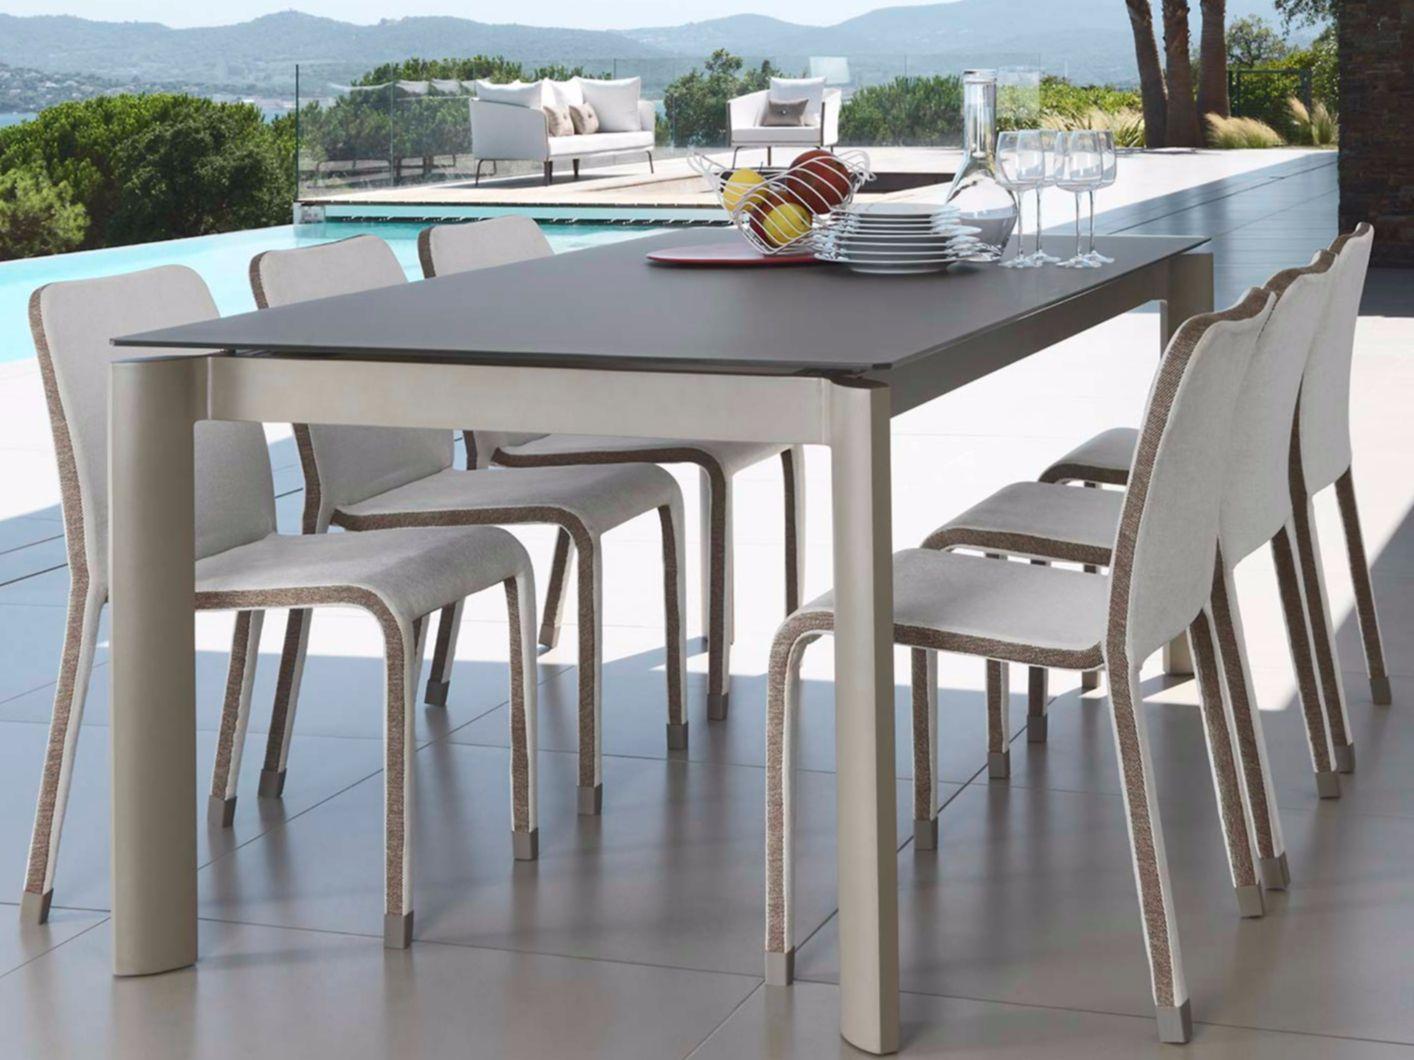 Tavoli In Alluminio Da Esterno.Tavoli Per Esterno In Alluminio Tavoli E Sedie In Alluminio Per